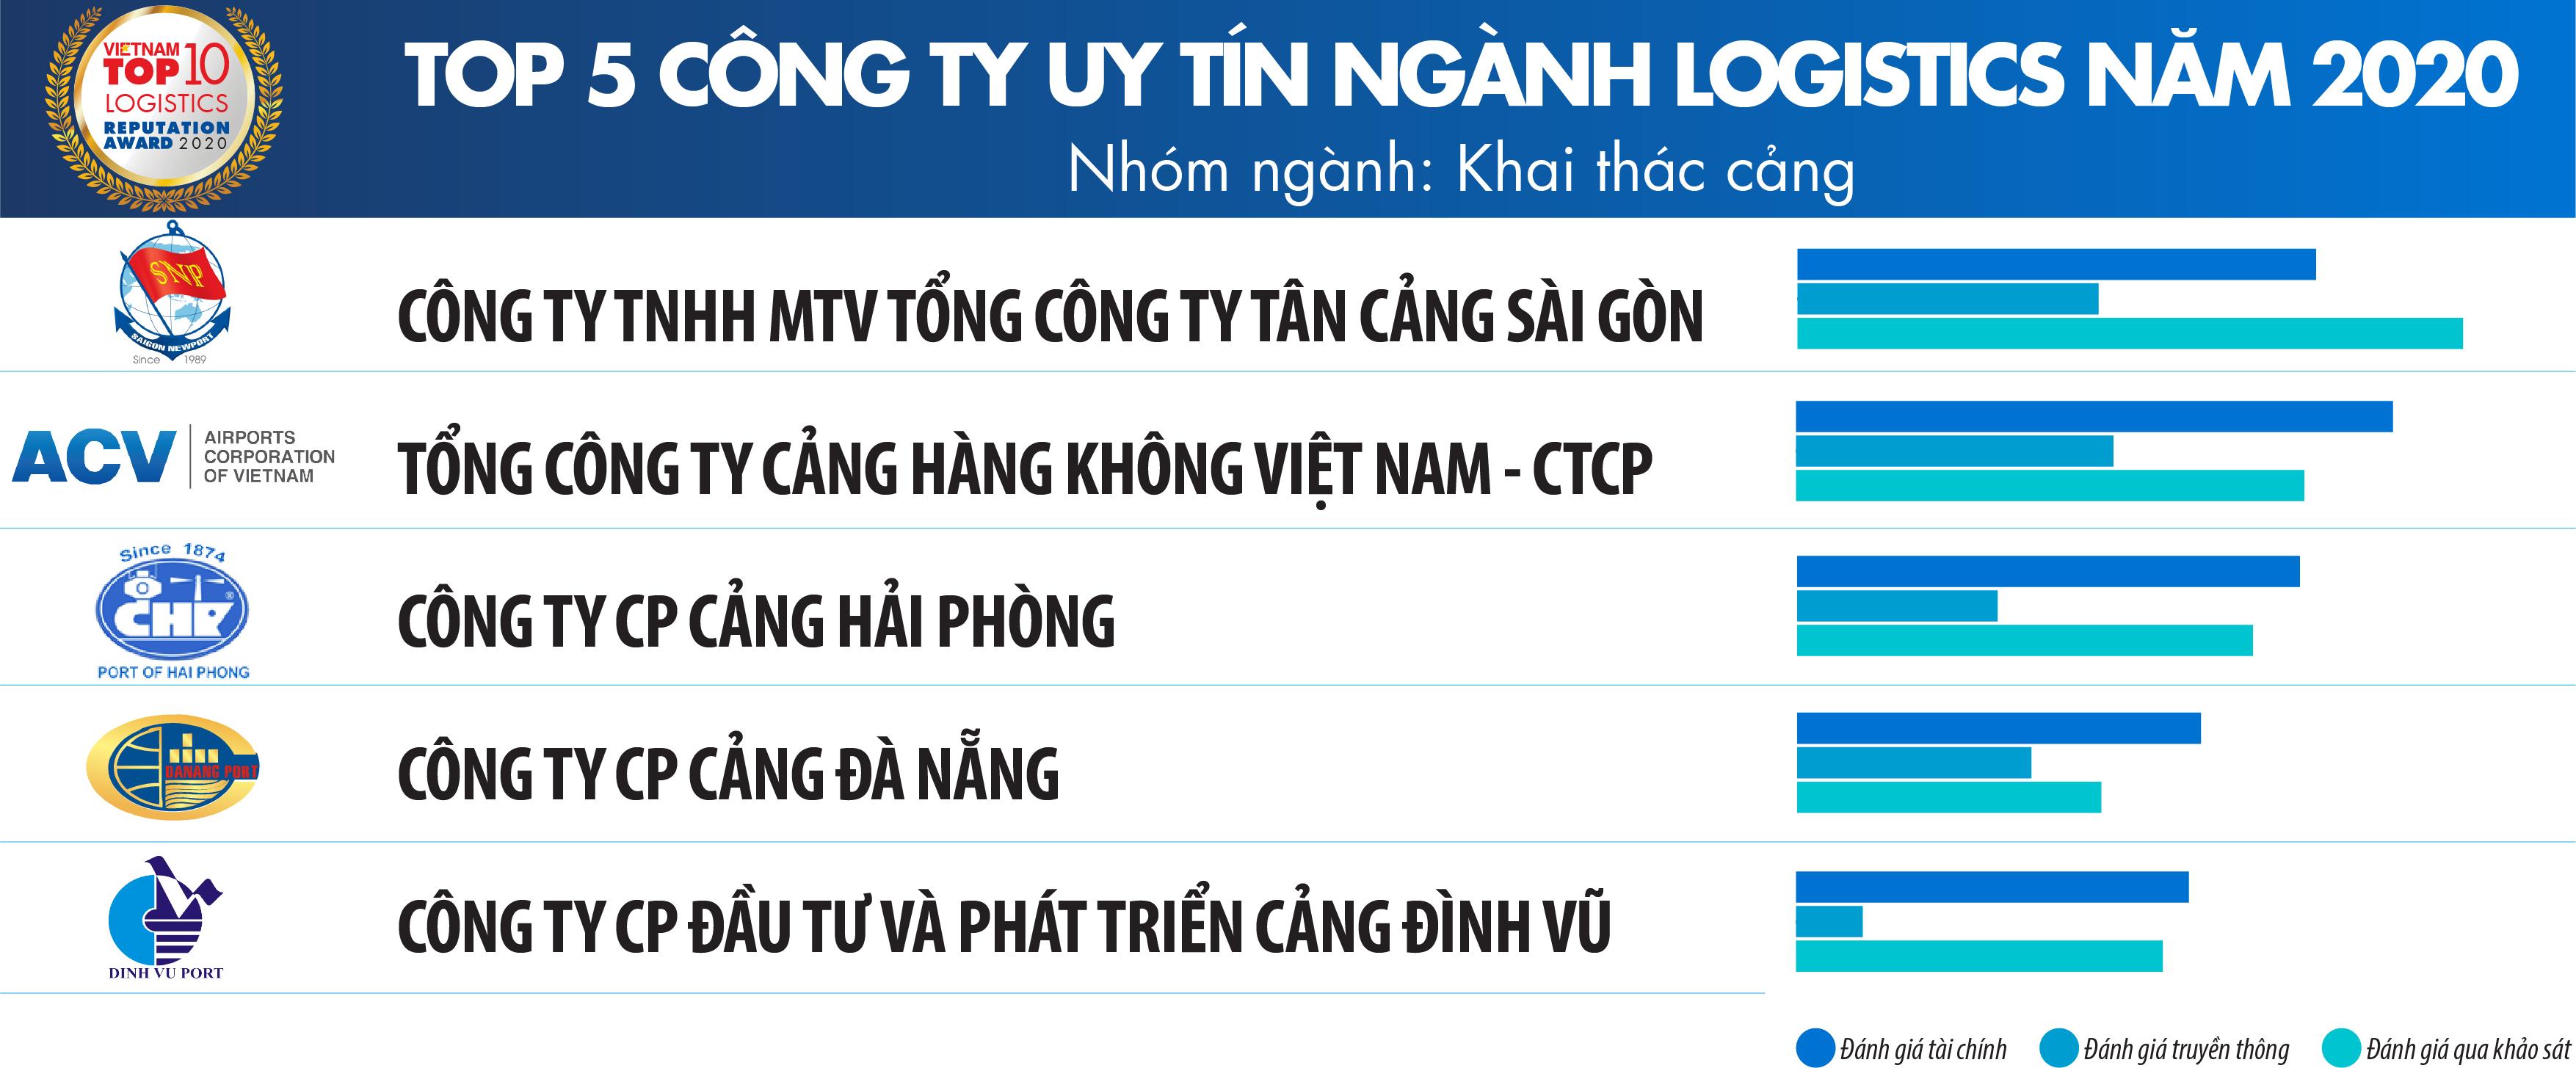 Vietnam Report: Công bố Top Công ty uy tín ngành Logistics năm 2020 - Ảnh 3.